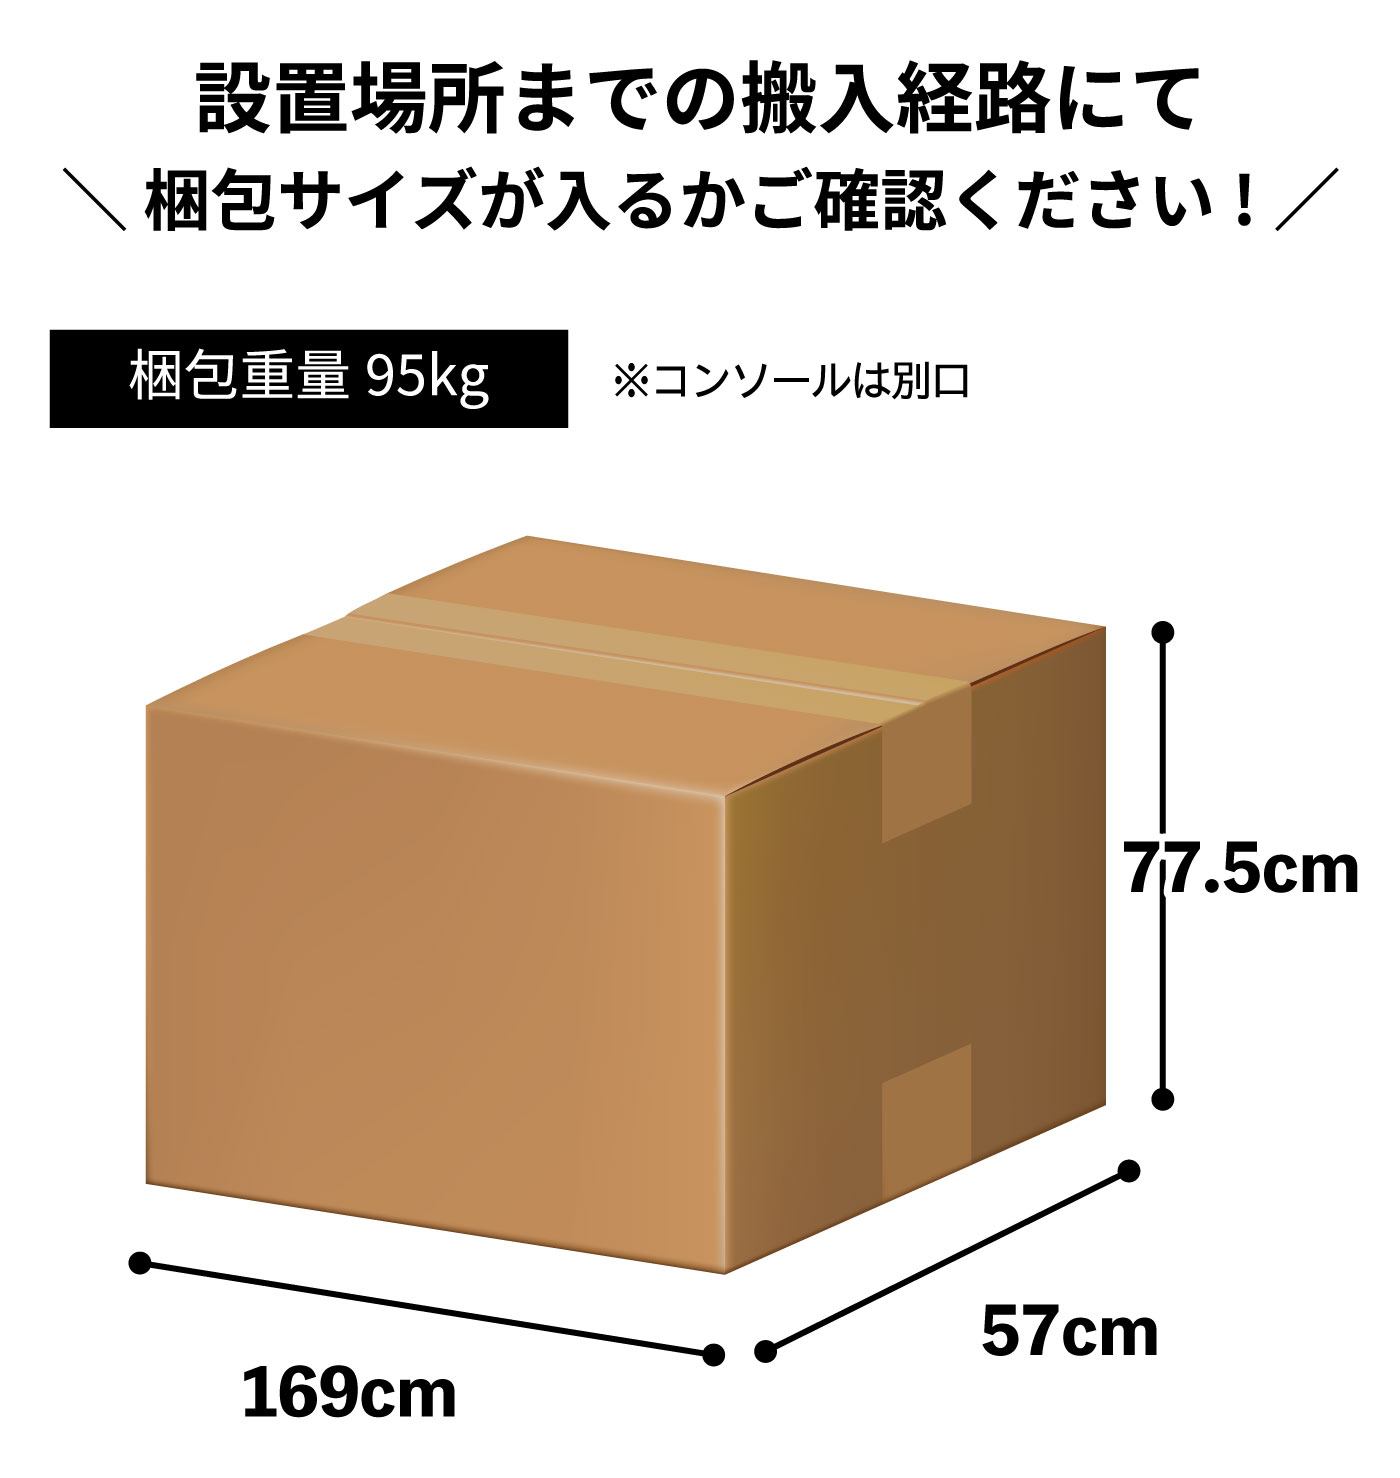 梱包サイズ